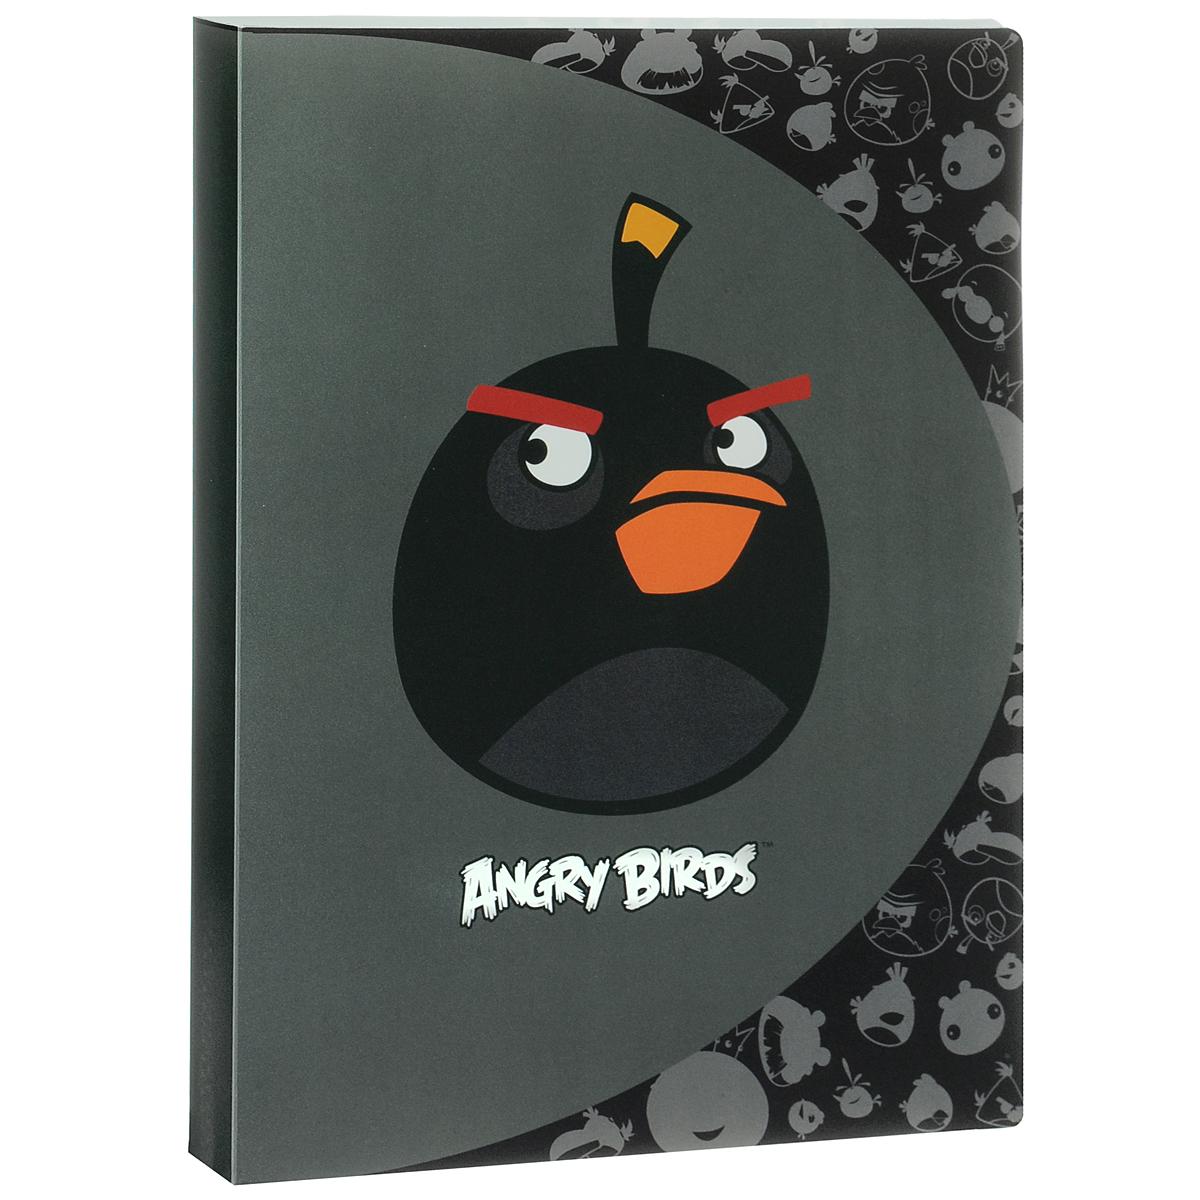 Папка Centrum Angry Birds, на 20 файлов, цвет: черный. Формат А4FS-36052Папка Centrum Angry Birds - это удобный и функциональный офисный инструмент, предназначенный для хранения и транспортировки рабочих бумаг и документов формата А4.Папка изготовлена из прочного высококачественного пластика и включает в себя 20 прозрачных вкладышей-файлов. Обложка папки выполнена из матового пластика и оформлена изображением сердитой птички из игры Angry Birds. Папка имеет опрятный и неброский вид. Уголки папки имеют закругленную форму, что предотвращает их загибание и помогает надолго сохранить опрятный вид обложки.Папка - это незаменимый атрибут для любого студента или школьника. Такая папка надежно сохранит ваши бумаги и сбережет их от повреждений, пыли и влаги, а забавные птички обязательно поднимут вам настроение!